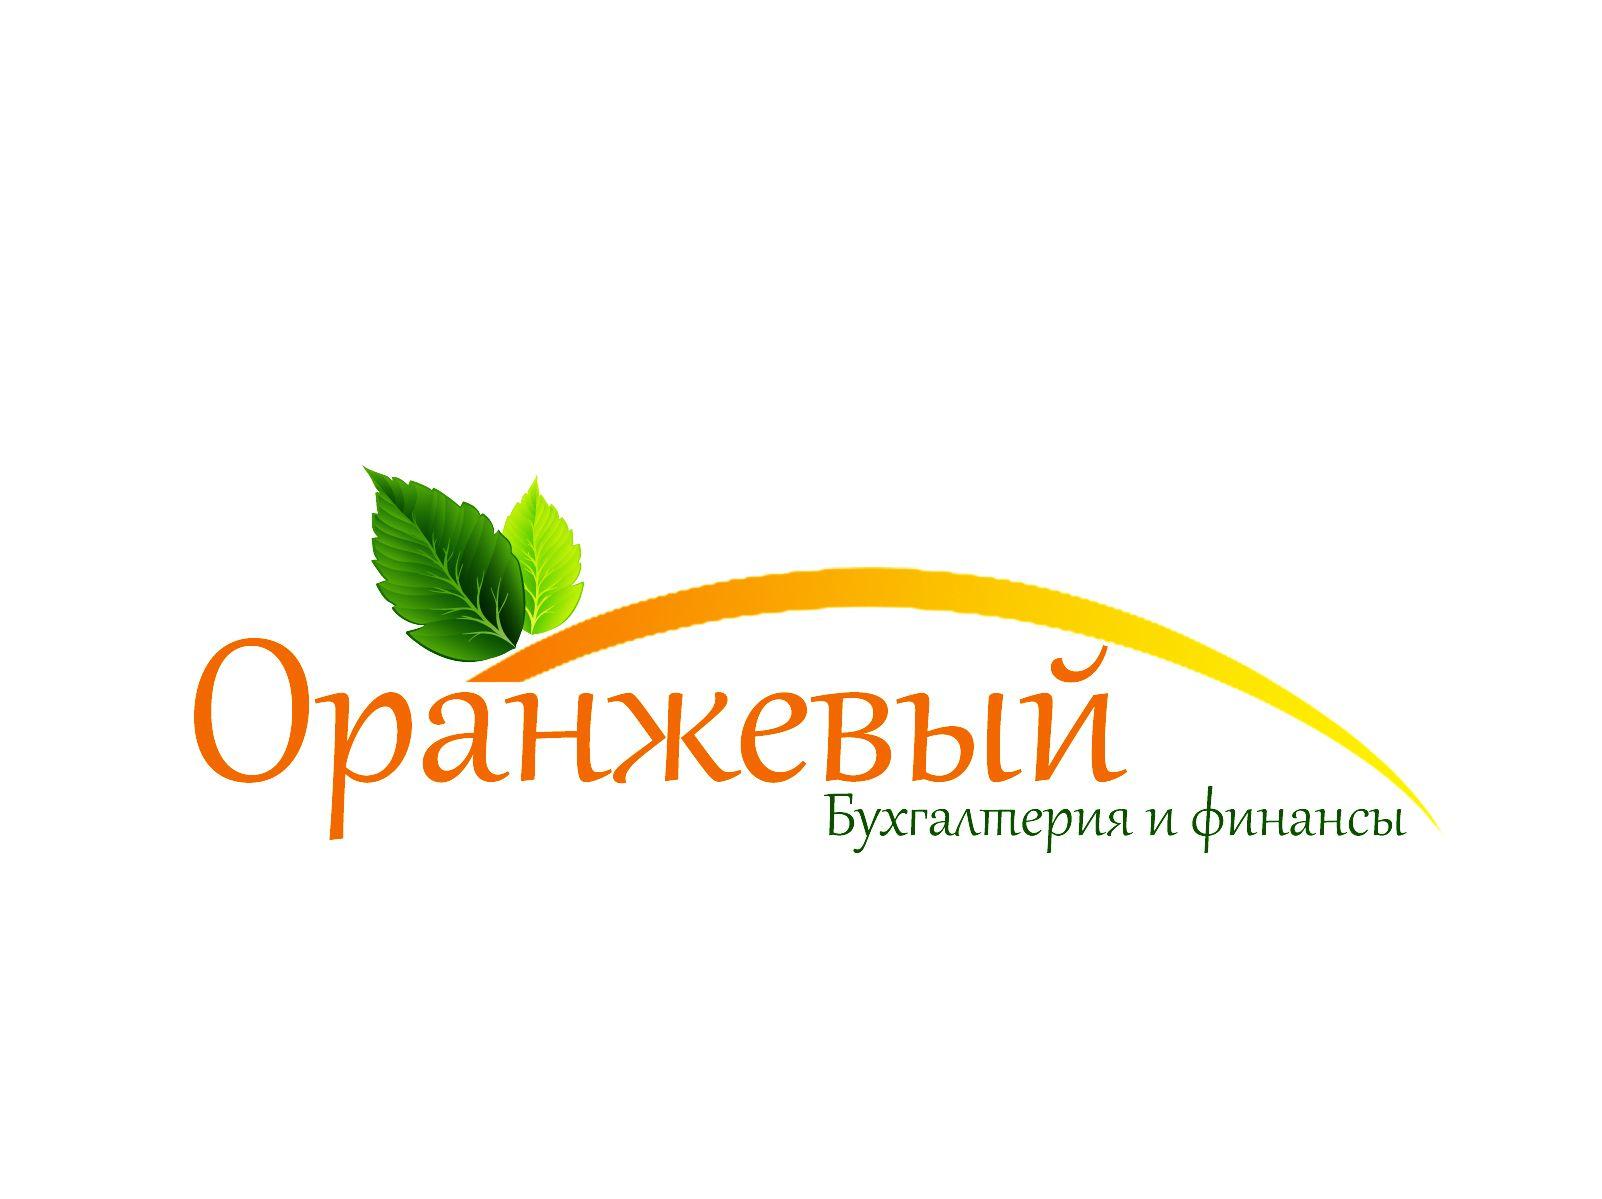 Логотип Финансовой Организации - дизайнер Vortex1987